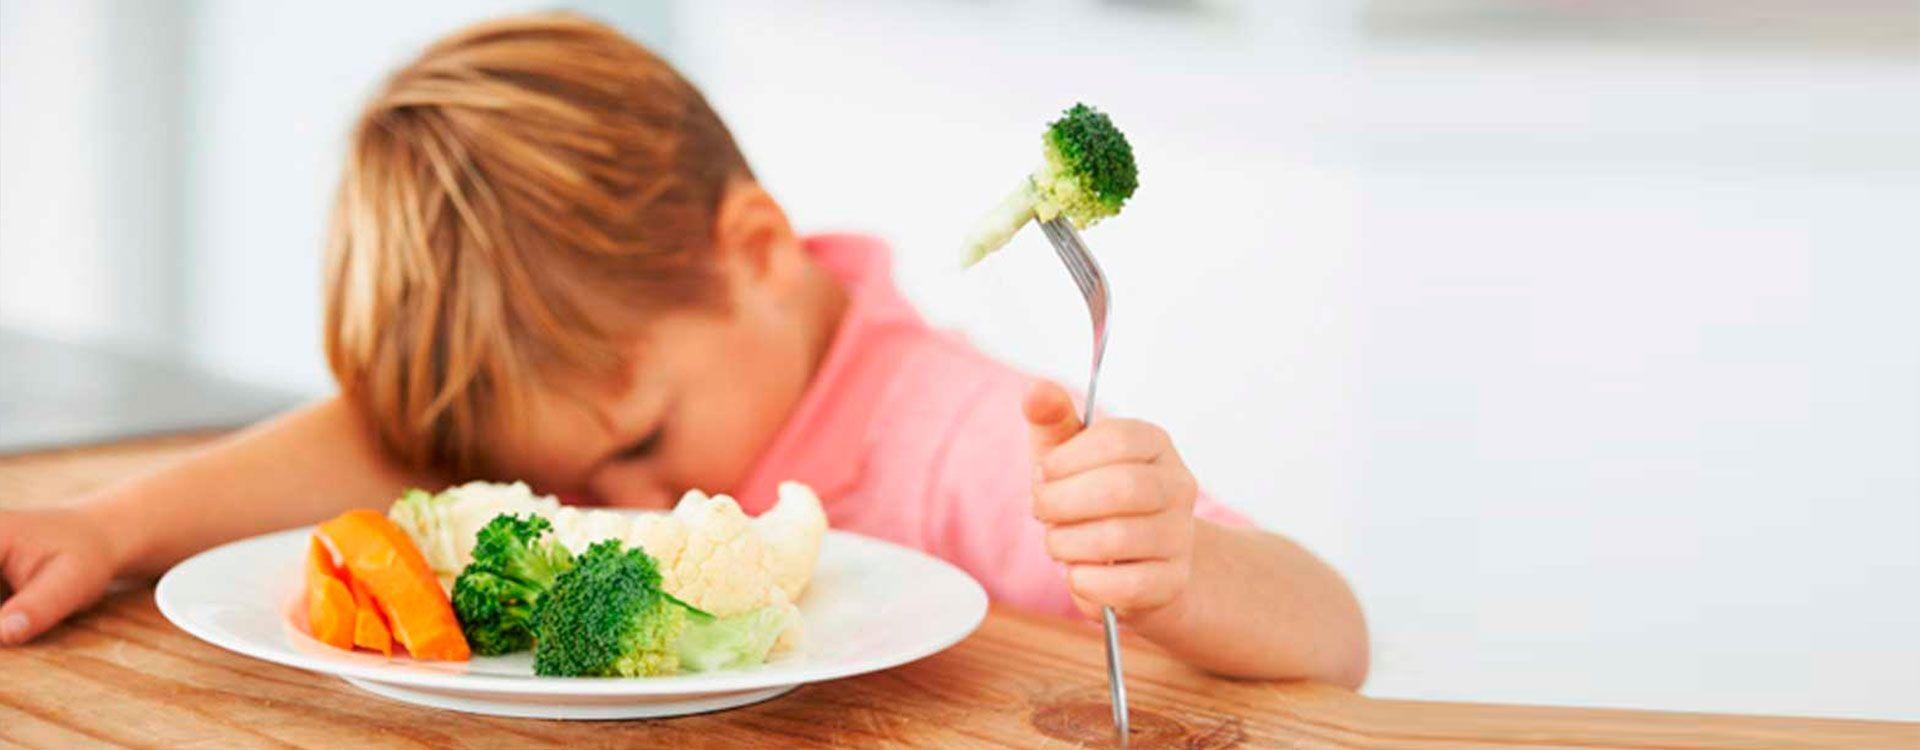 dieta sana per bambini di 10 anni